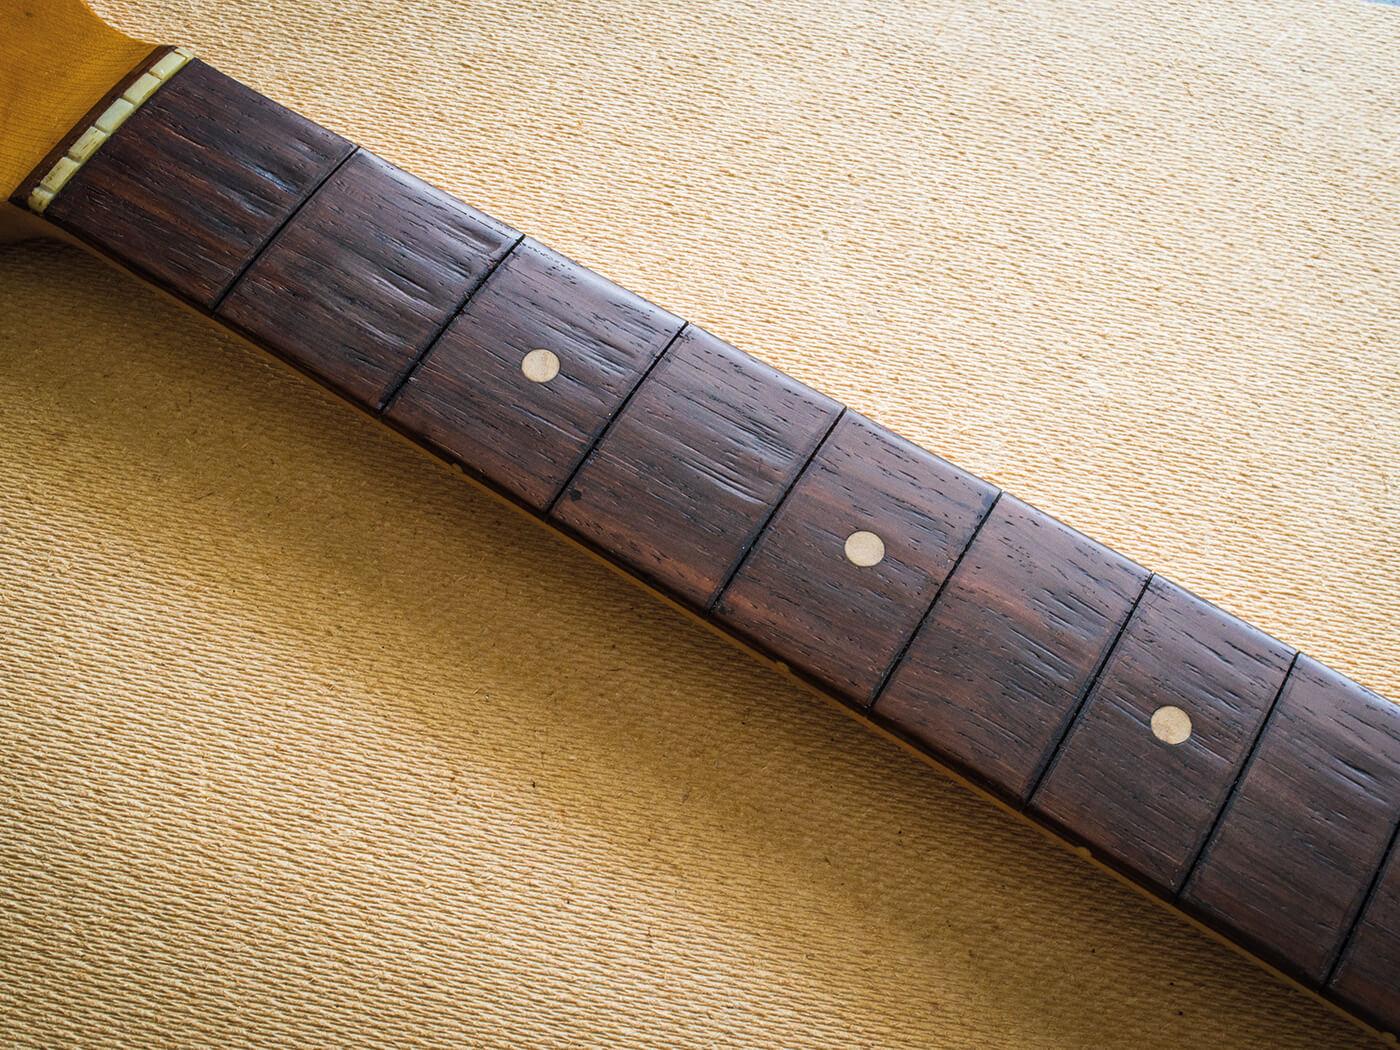 Fretless strat fingerboard